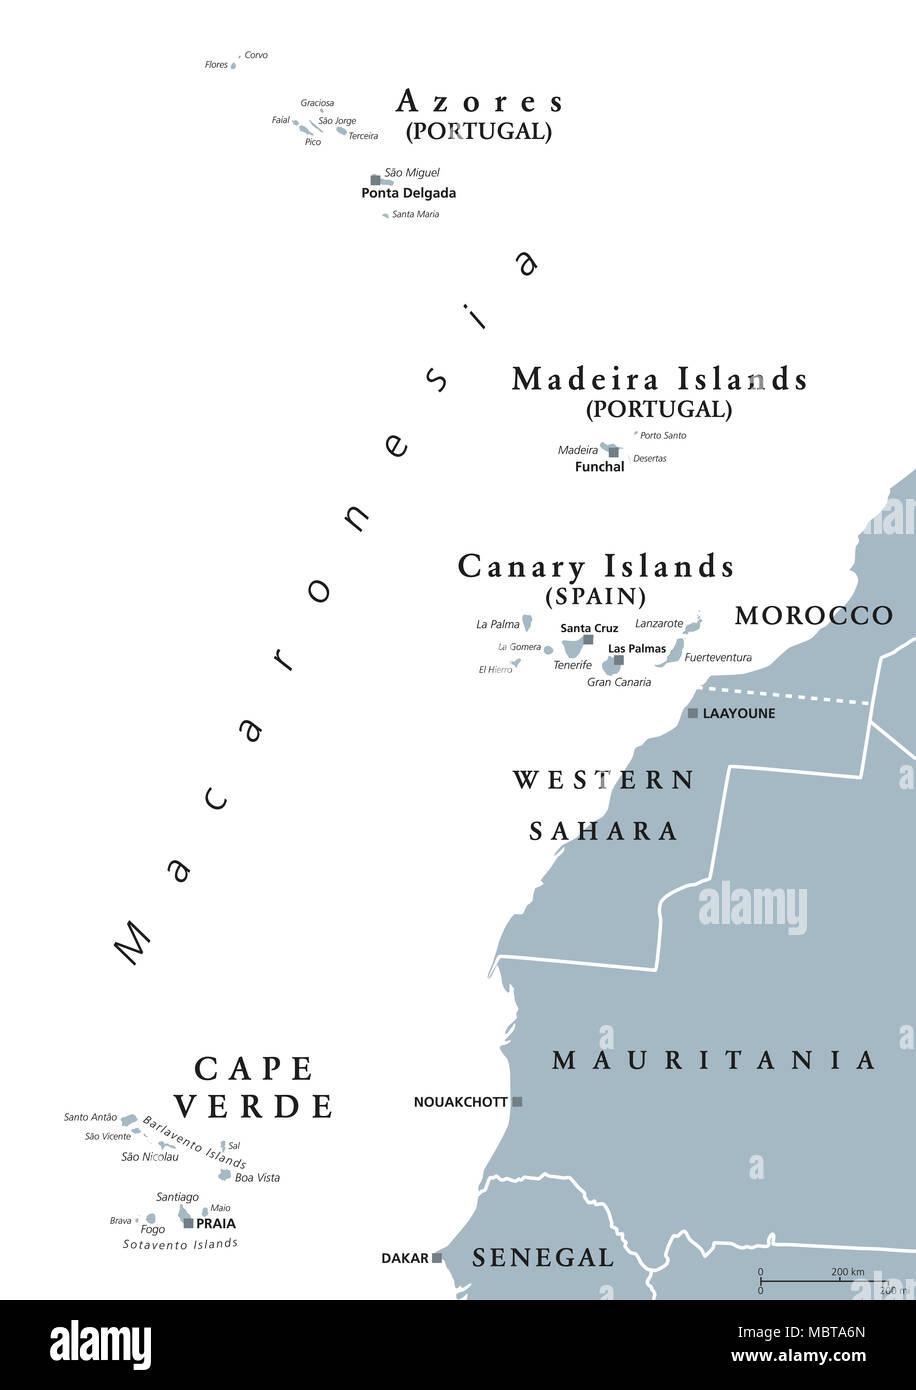 Makaronesien politische Karte. Azoren, Kap Verde, Madeira, die Kanarischen Inseln. Sammlung von Inselgruppen im Atlantik vor der Küste von Afrika. Stockbild